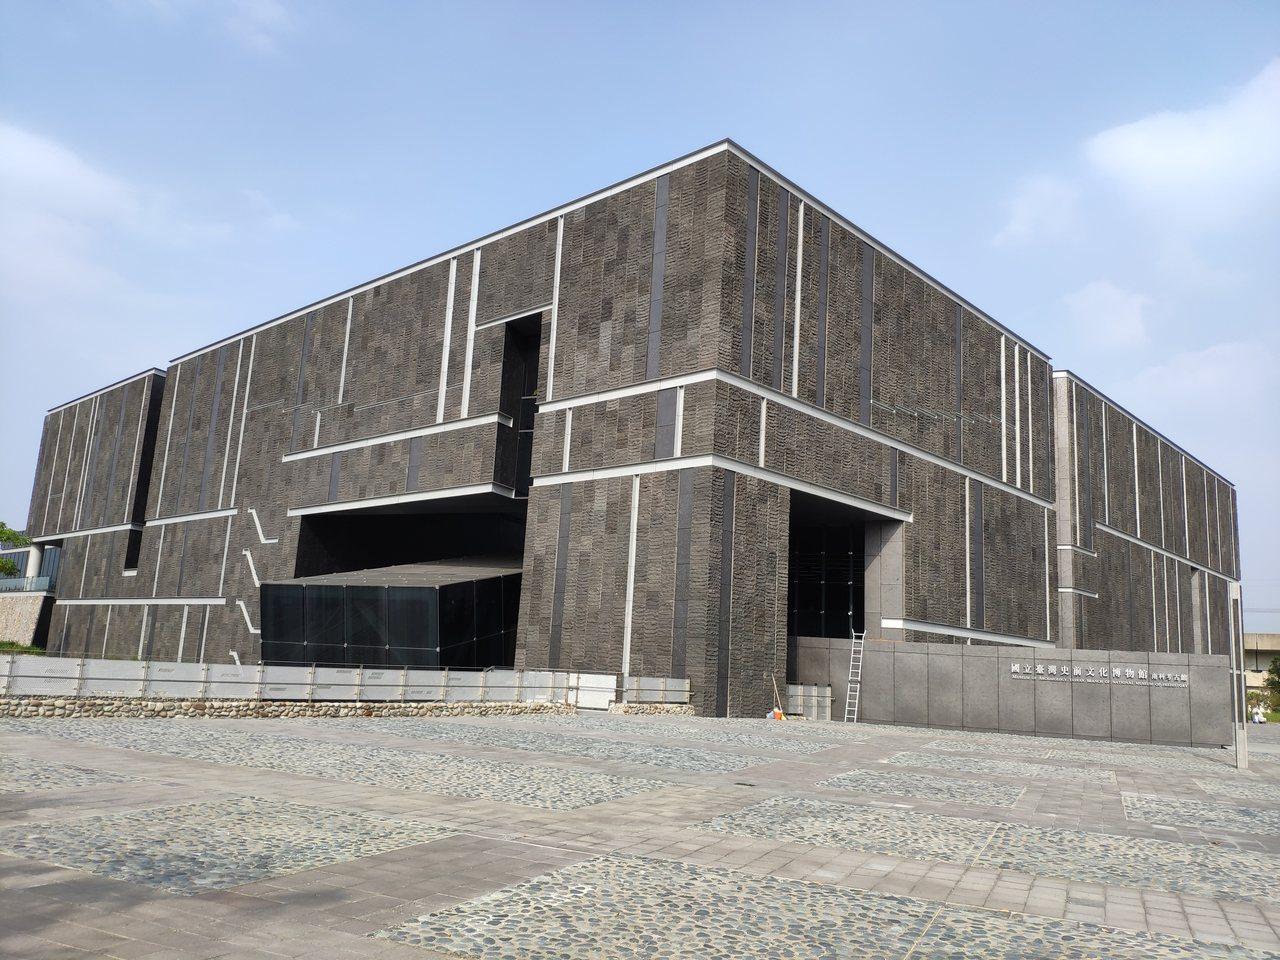 國立台灣史前博物館南科考古館磅礡氣派建物外觀。記者謝進盛/攝影